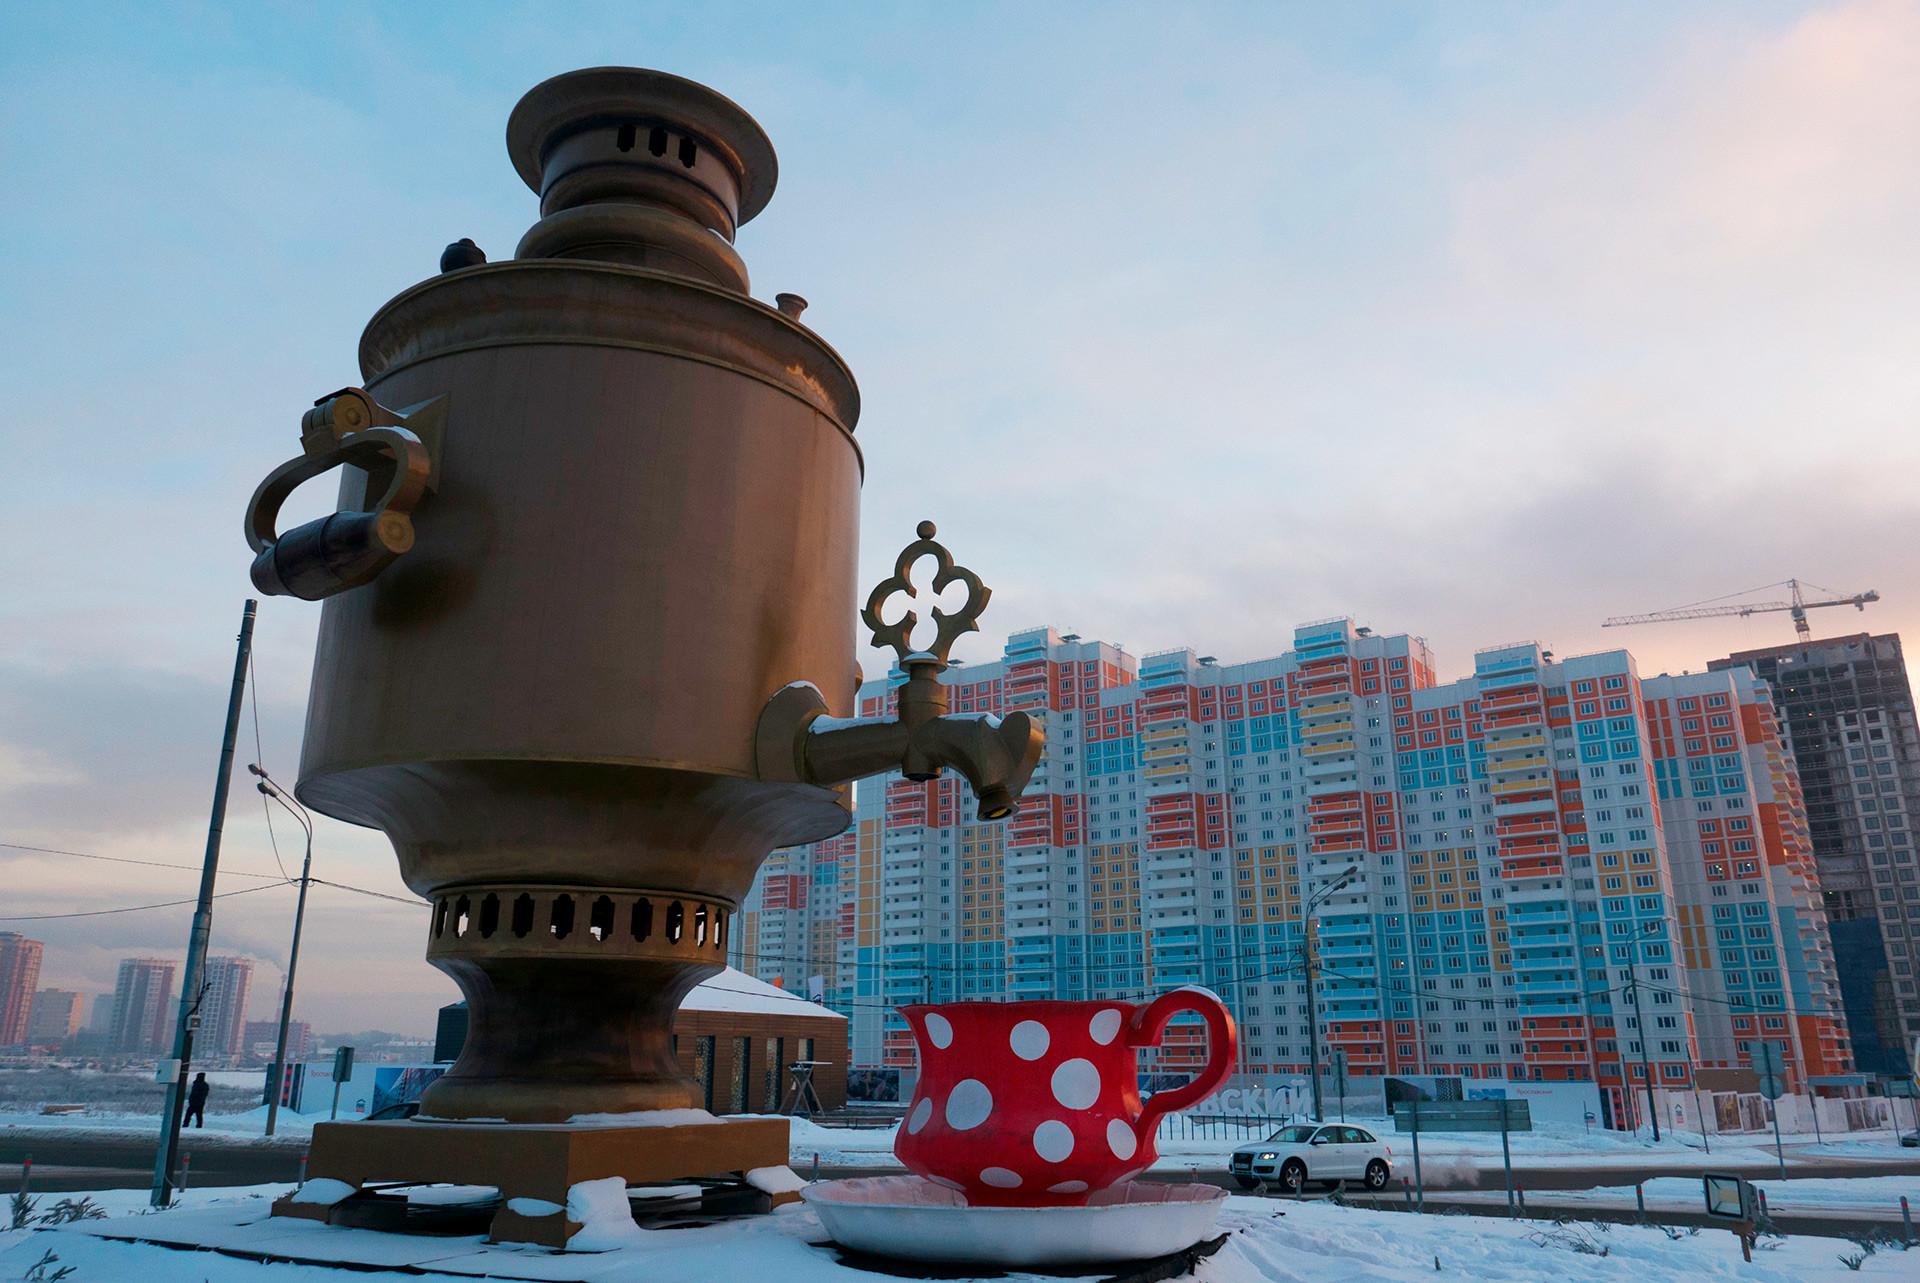 Скулптура самовара висока 8 метара у граду Митишчи у Московској области.